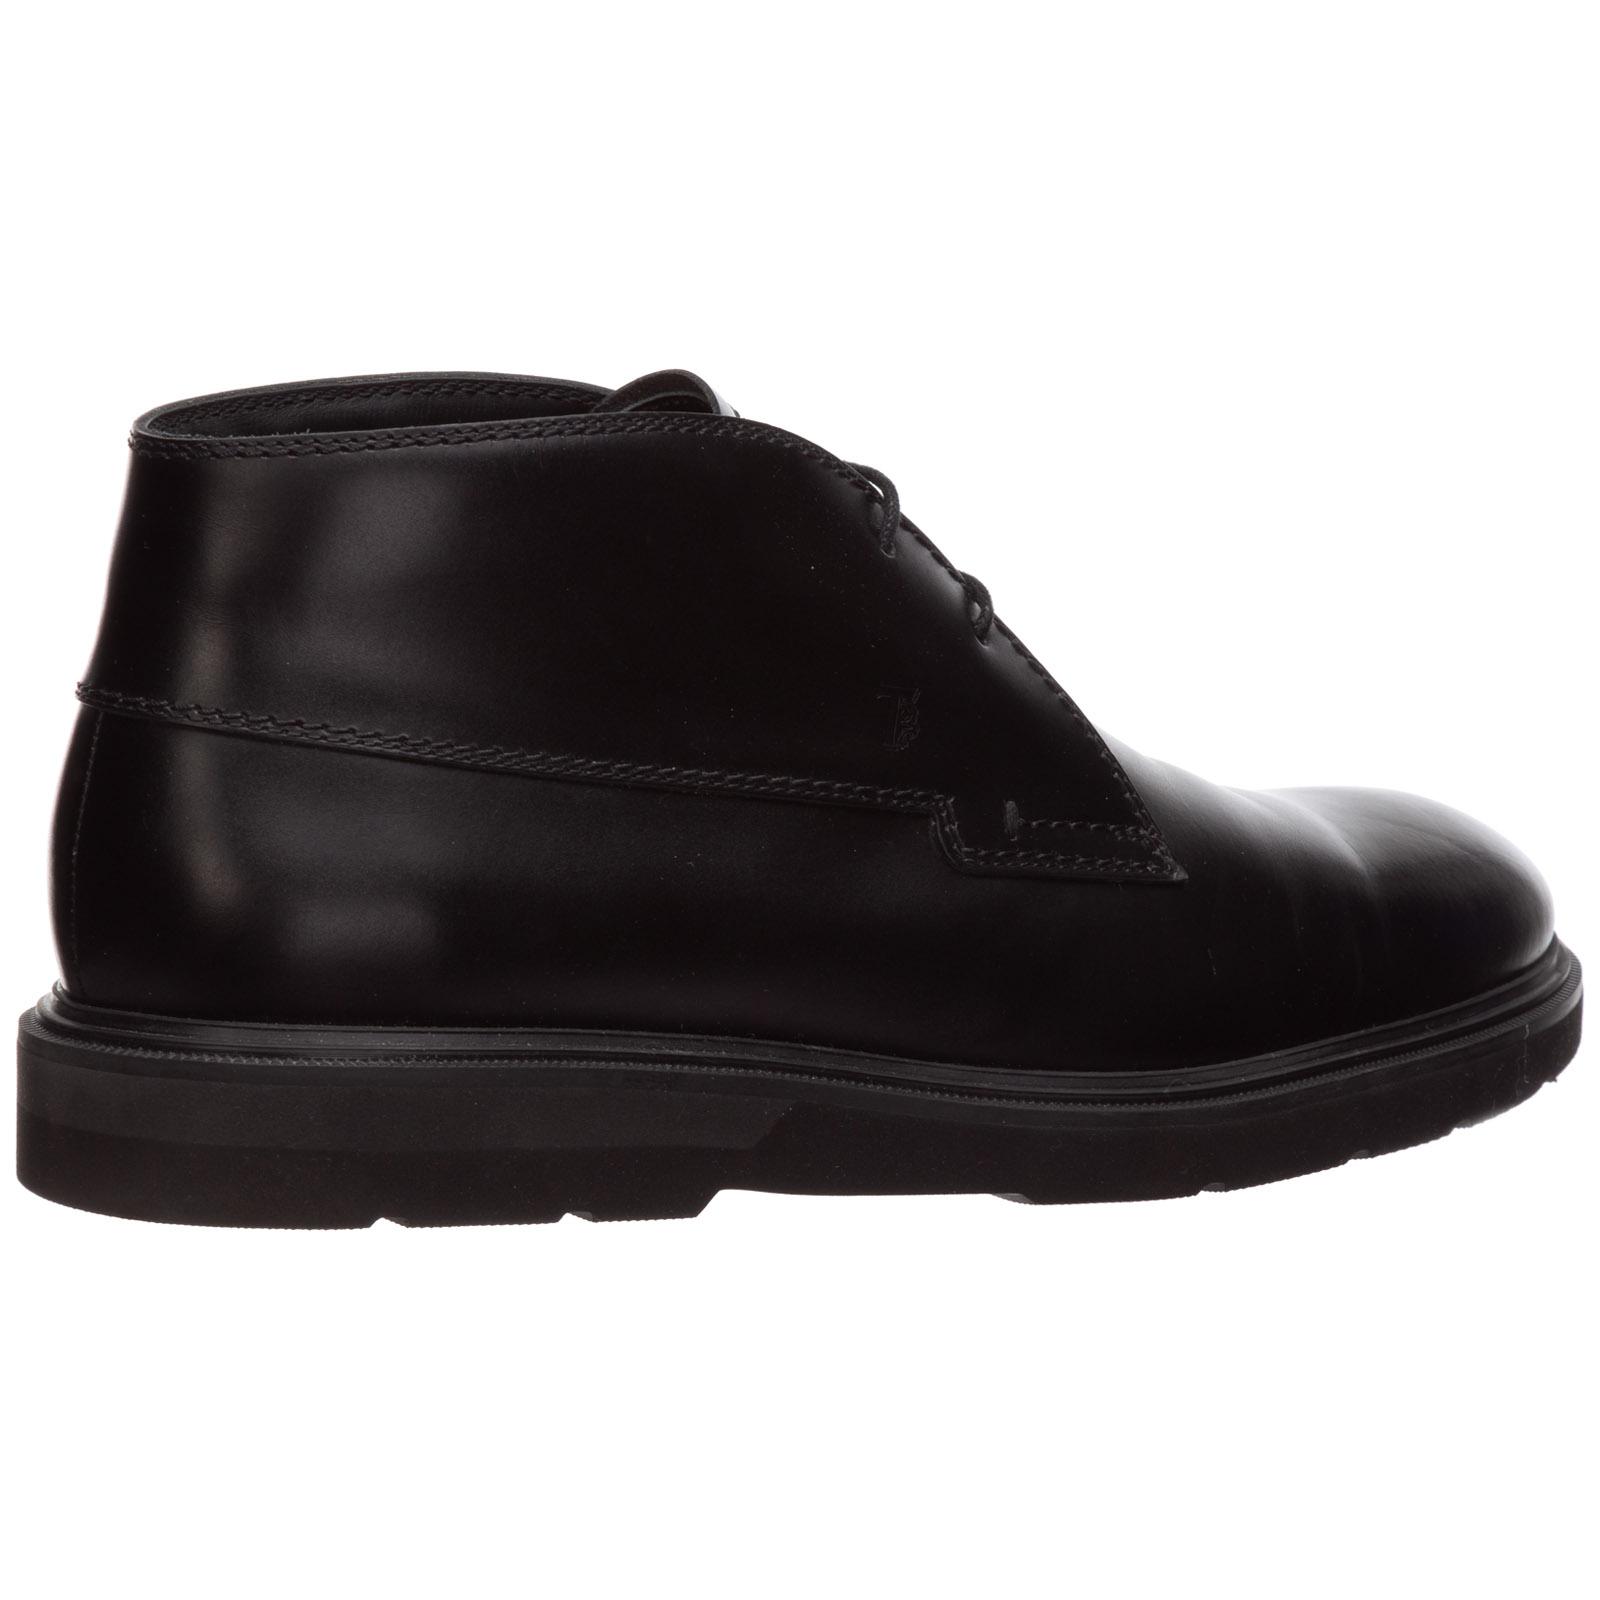 Botines zapatos por hombre en piel